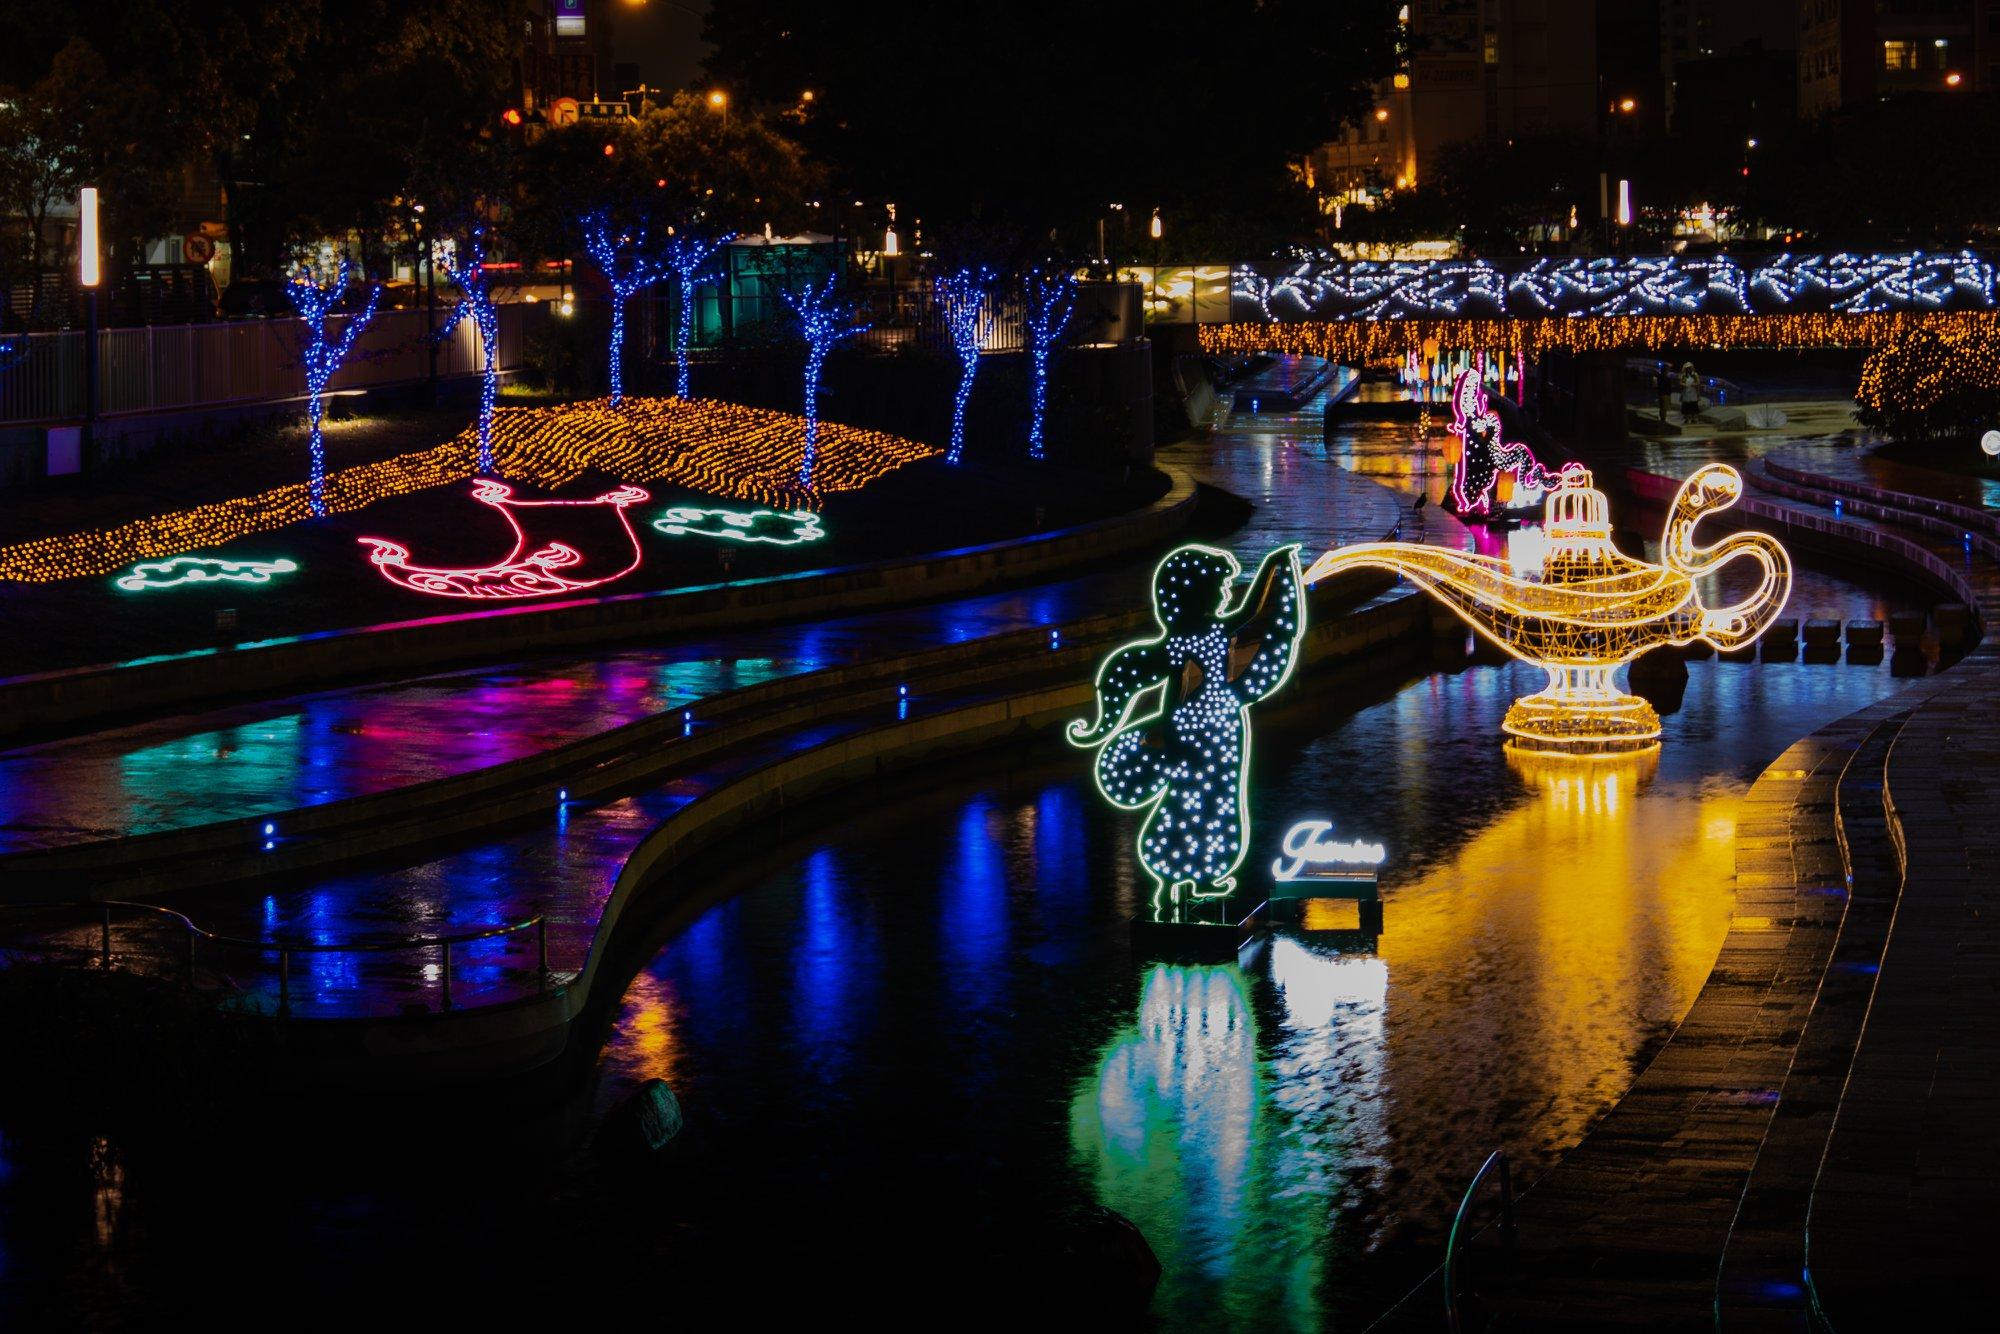 台中耶誕夢想世界共有三大展區,柳川以公主系列為主軸。圖/漾台中臉書粉絲專頁